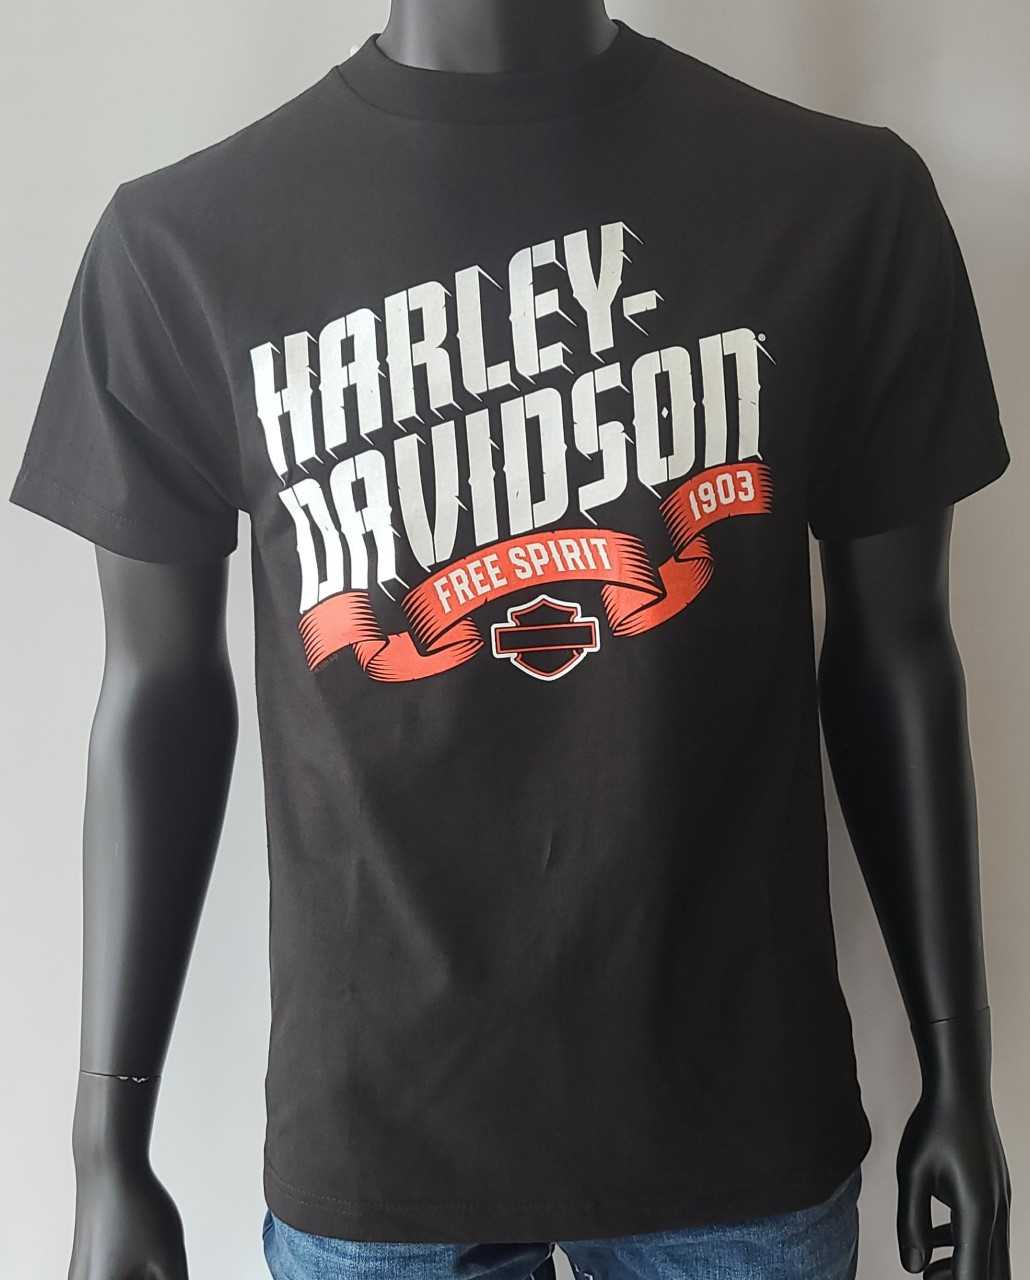 HARLEY DAVIDSON BANNER-BLACK